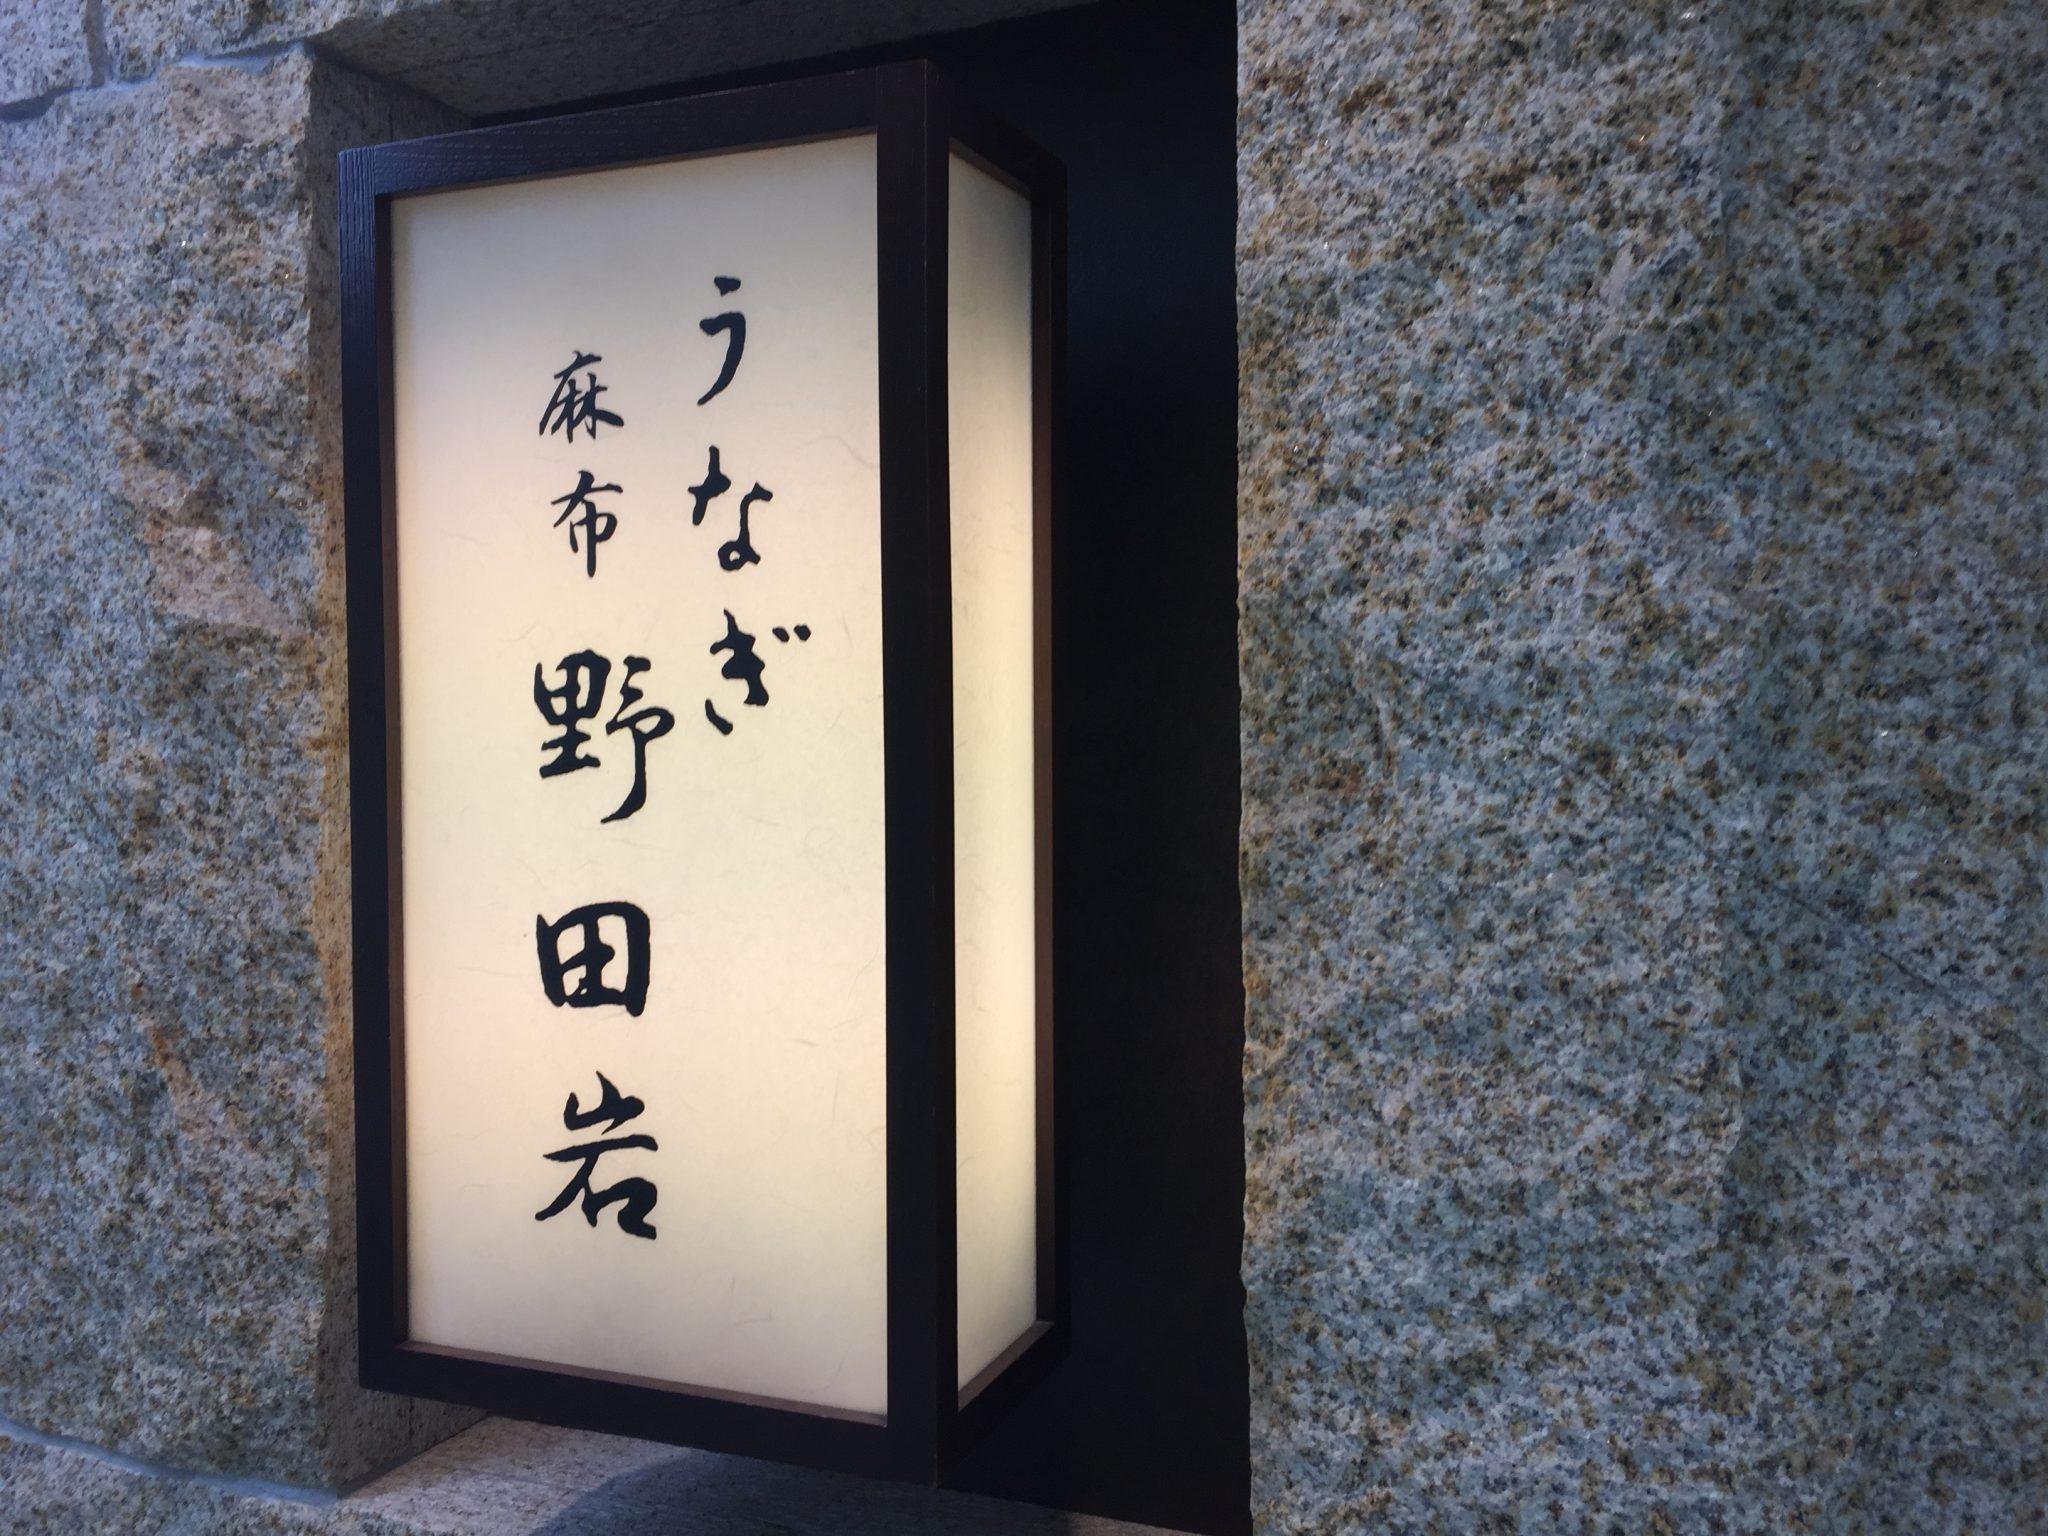 野田岩 横浜高島屋店|横浜でうなぎディナー~かば焼きで日本酒を飲む